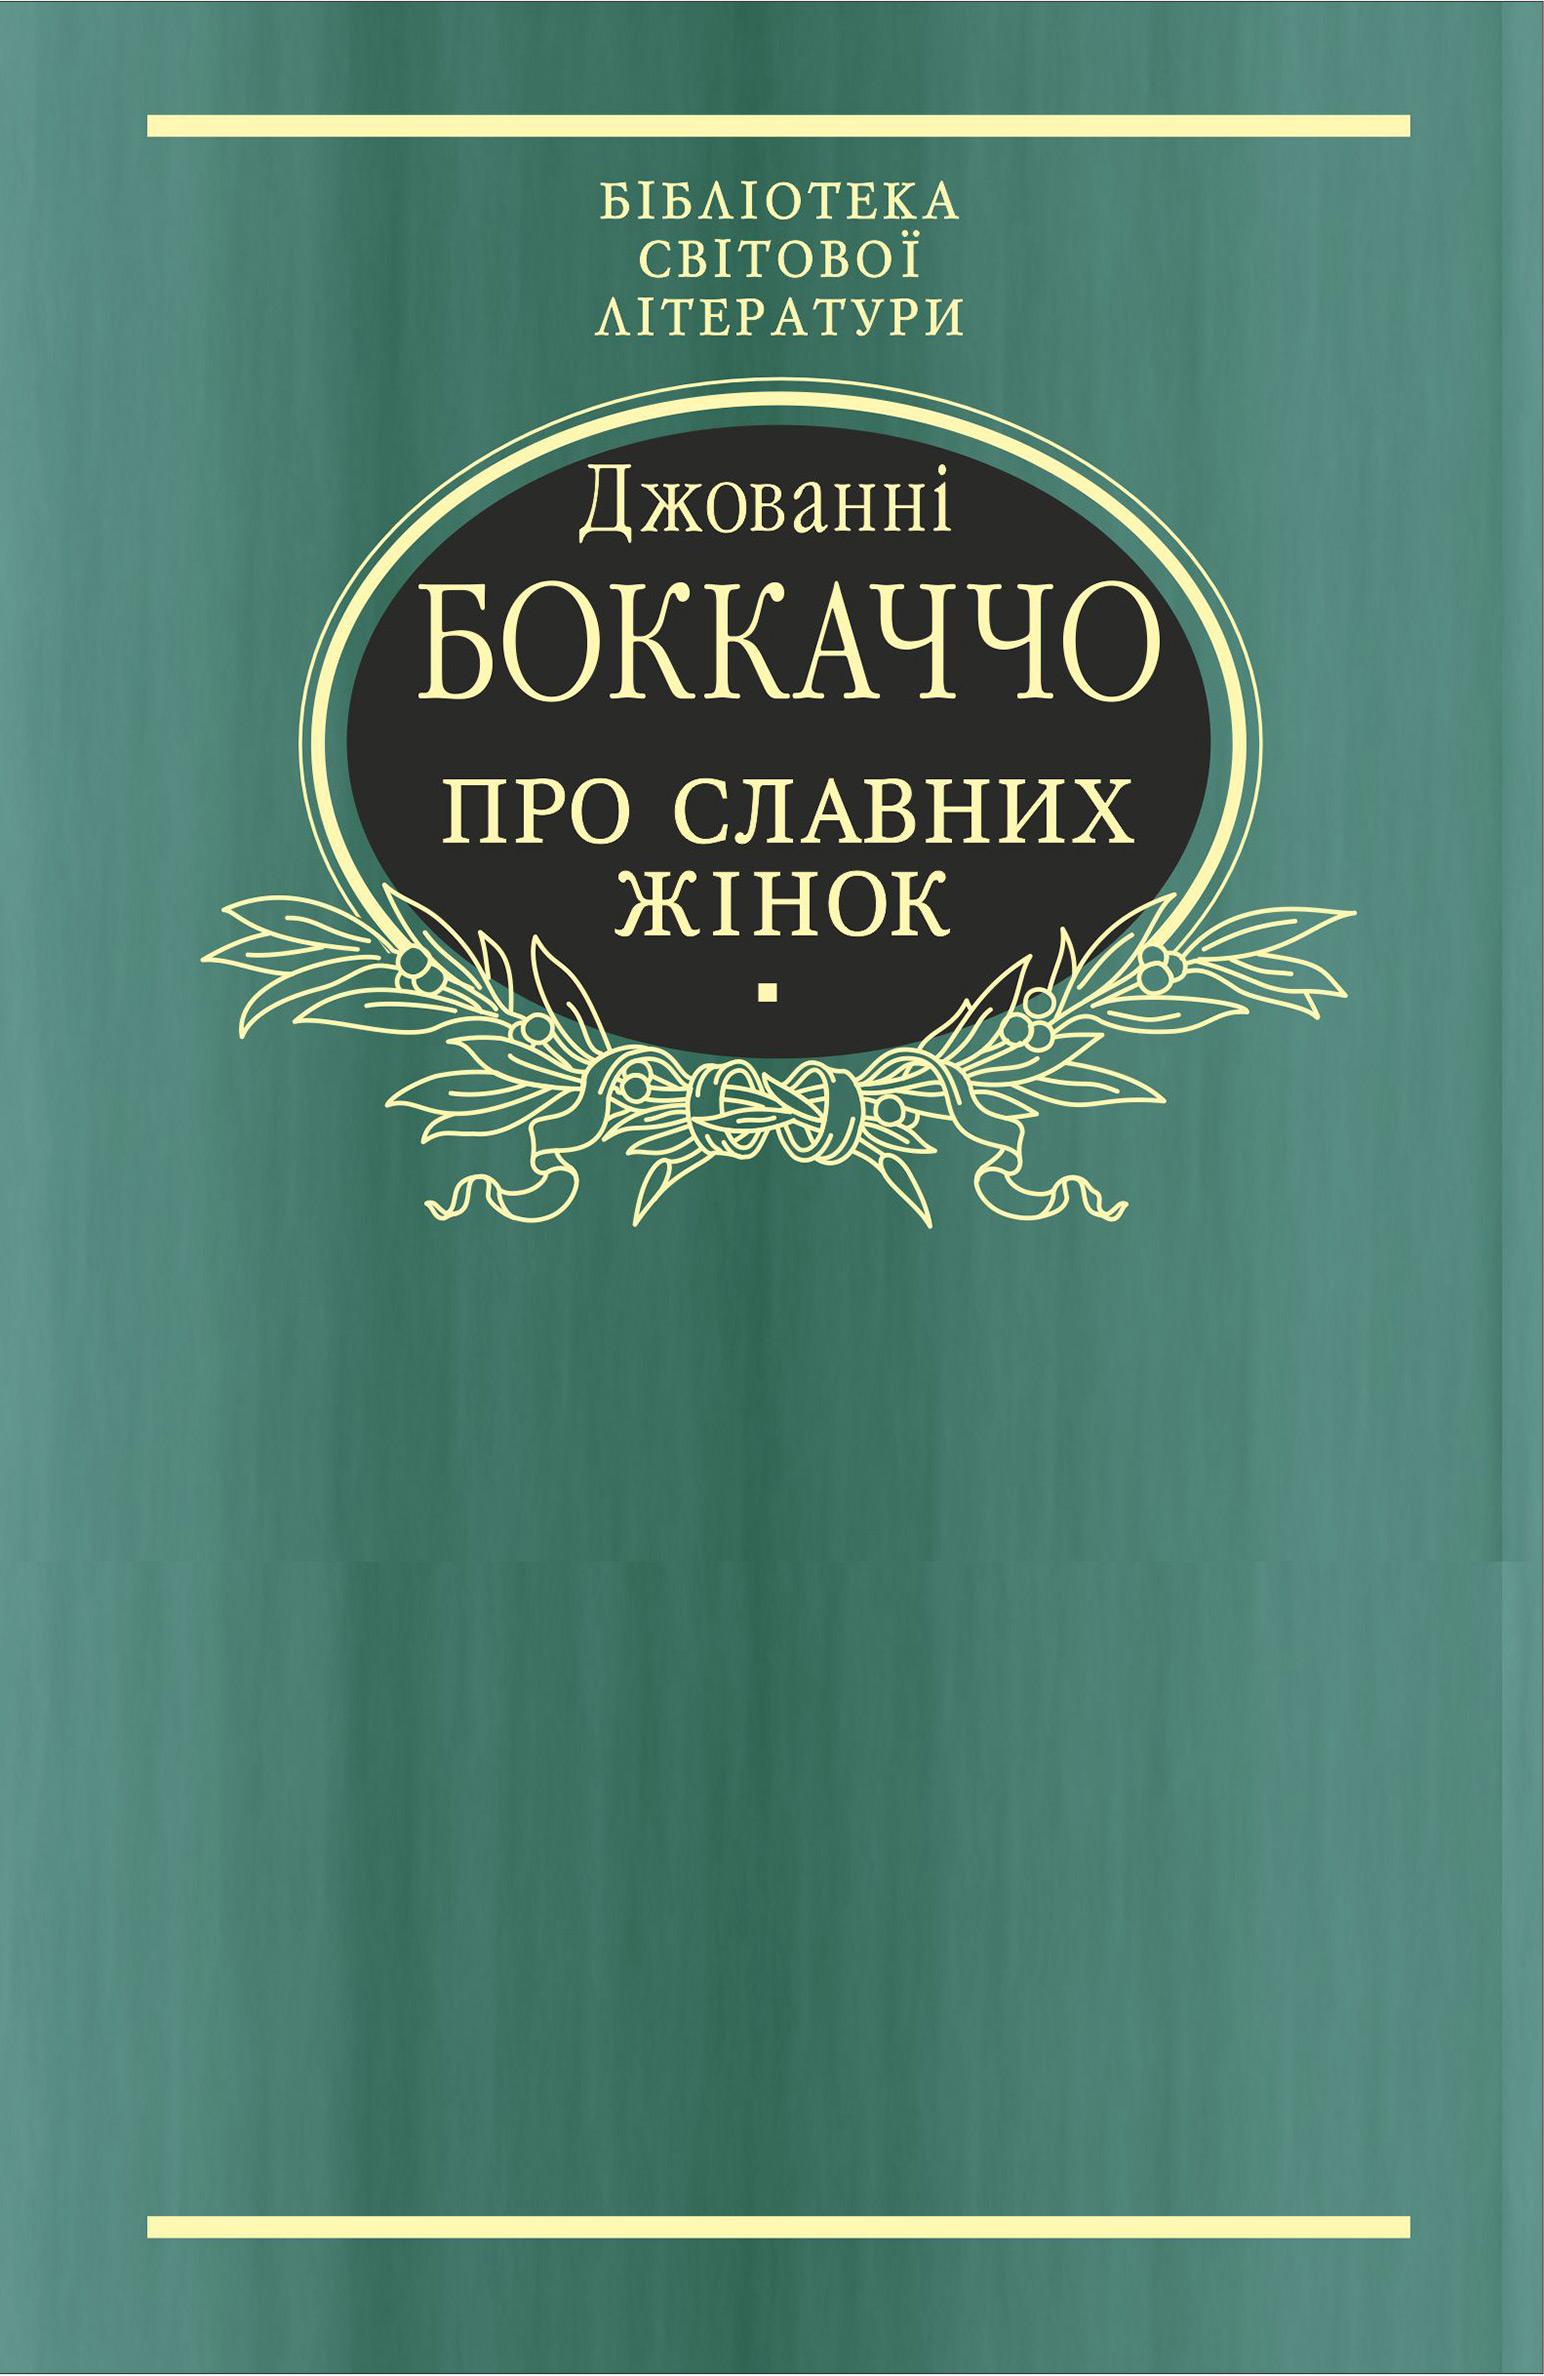 Джованни Боккаччо Про славних жінок євген положій юрій юрійович улюбленець жінок